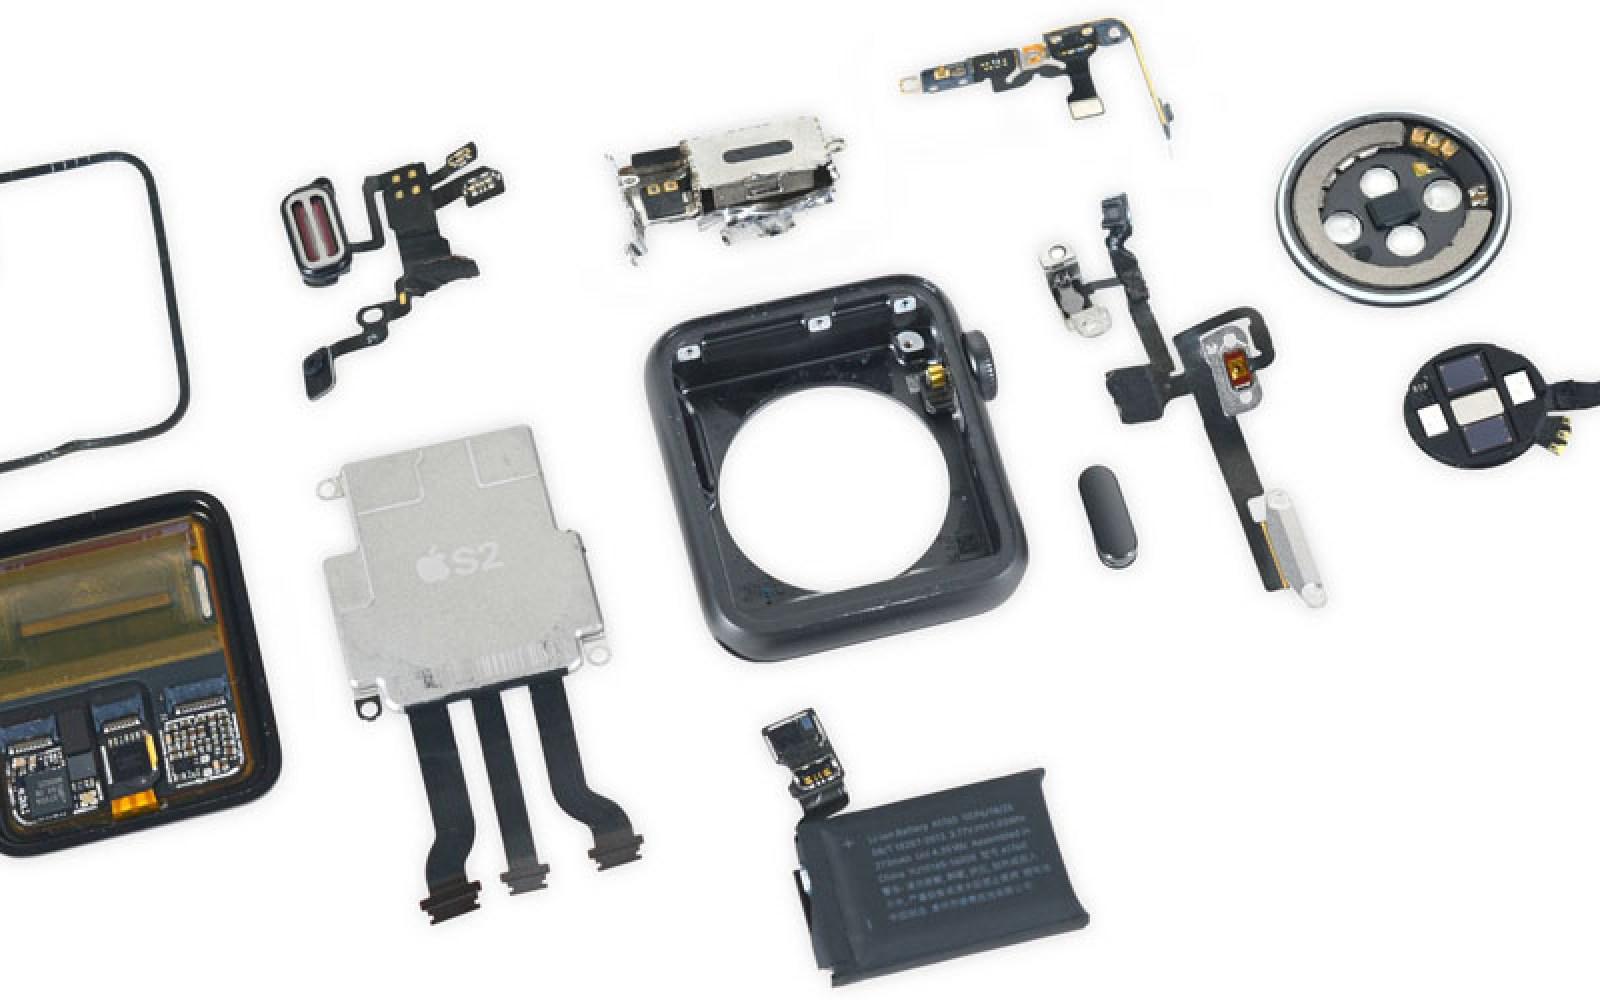 Apple Watch Series 2 teardown reveals secret to waterproofing, beefier battery, 2nd mic